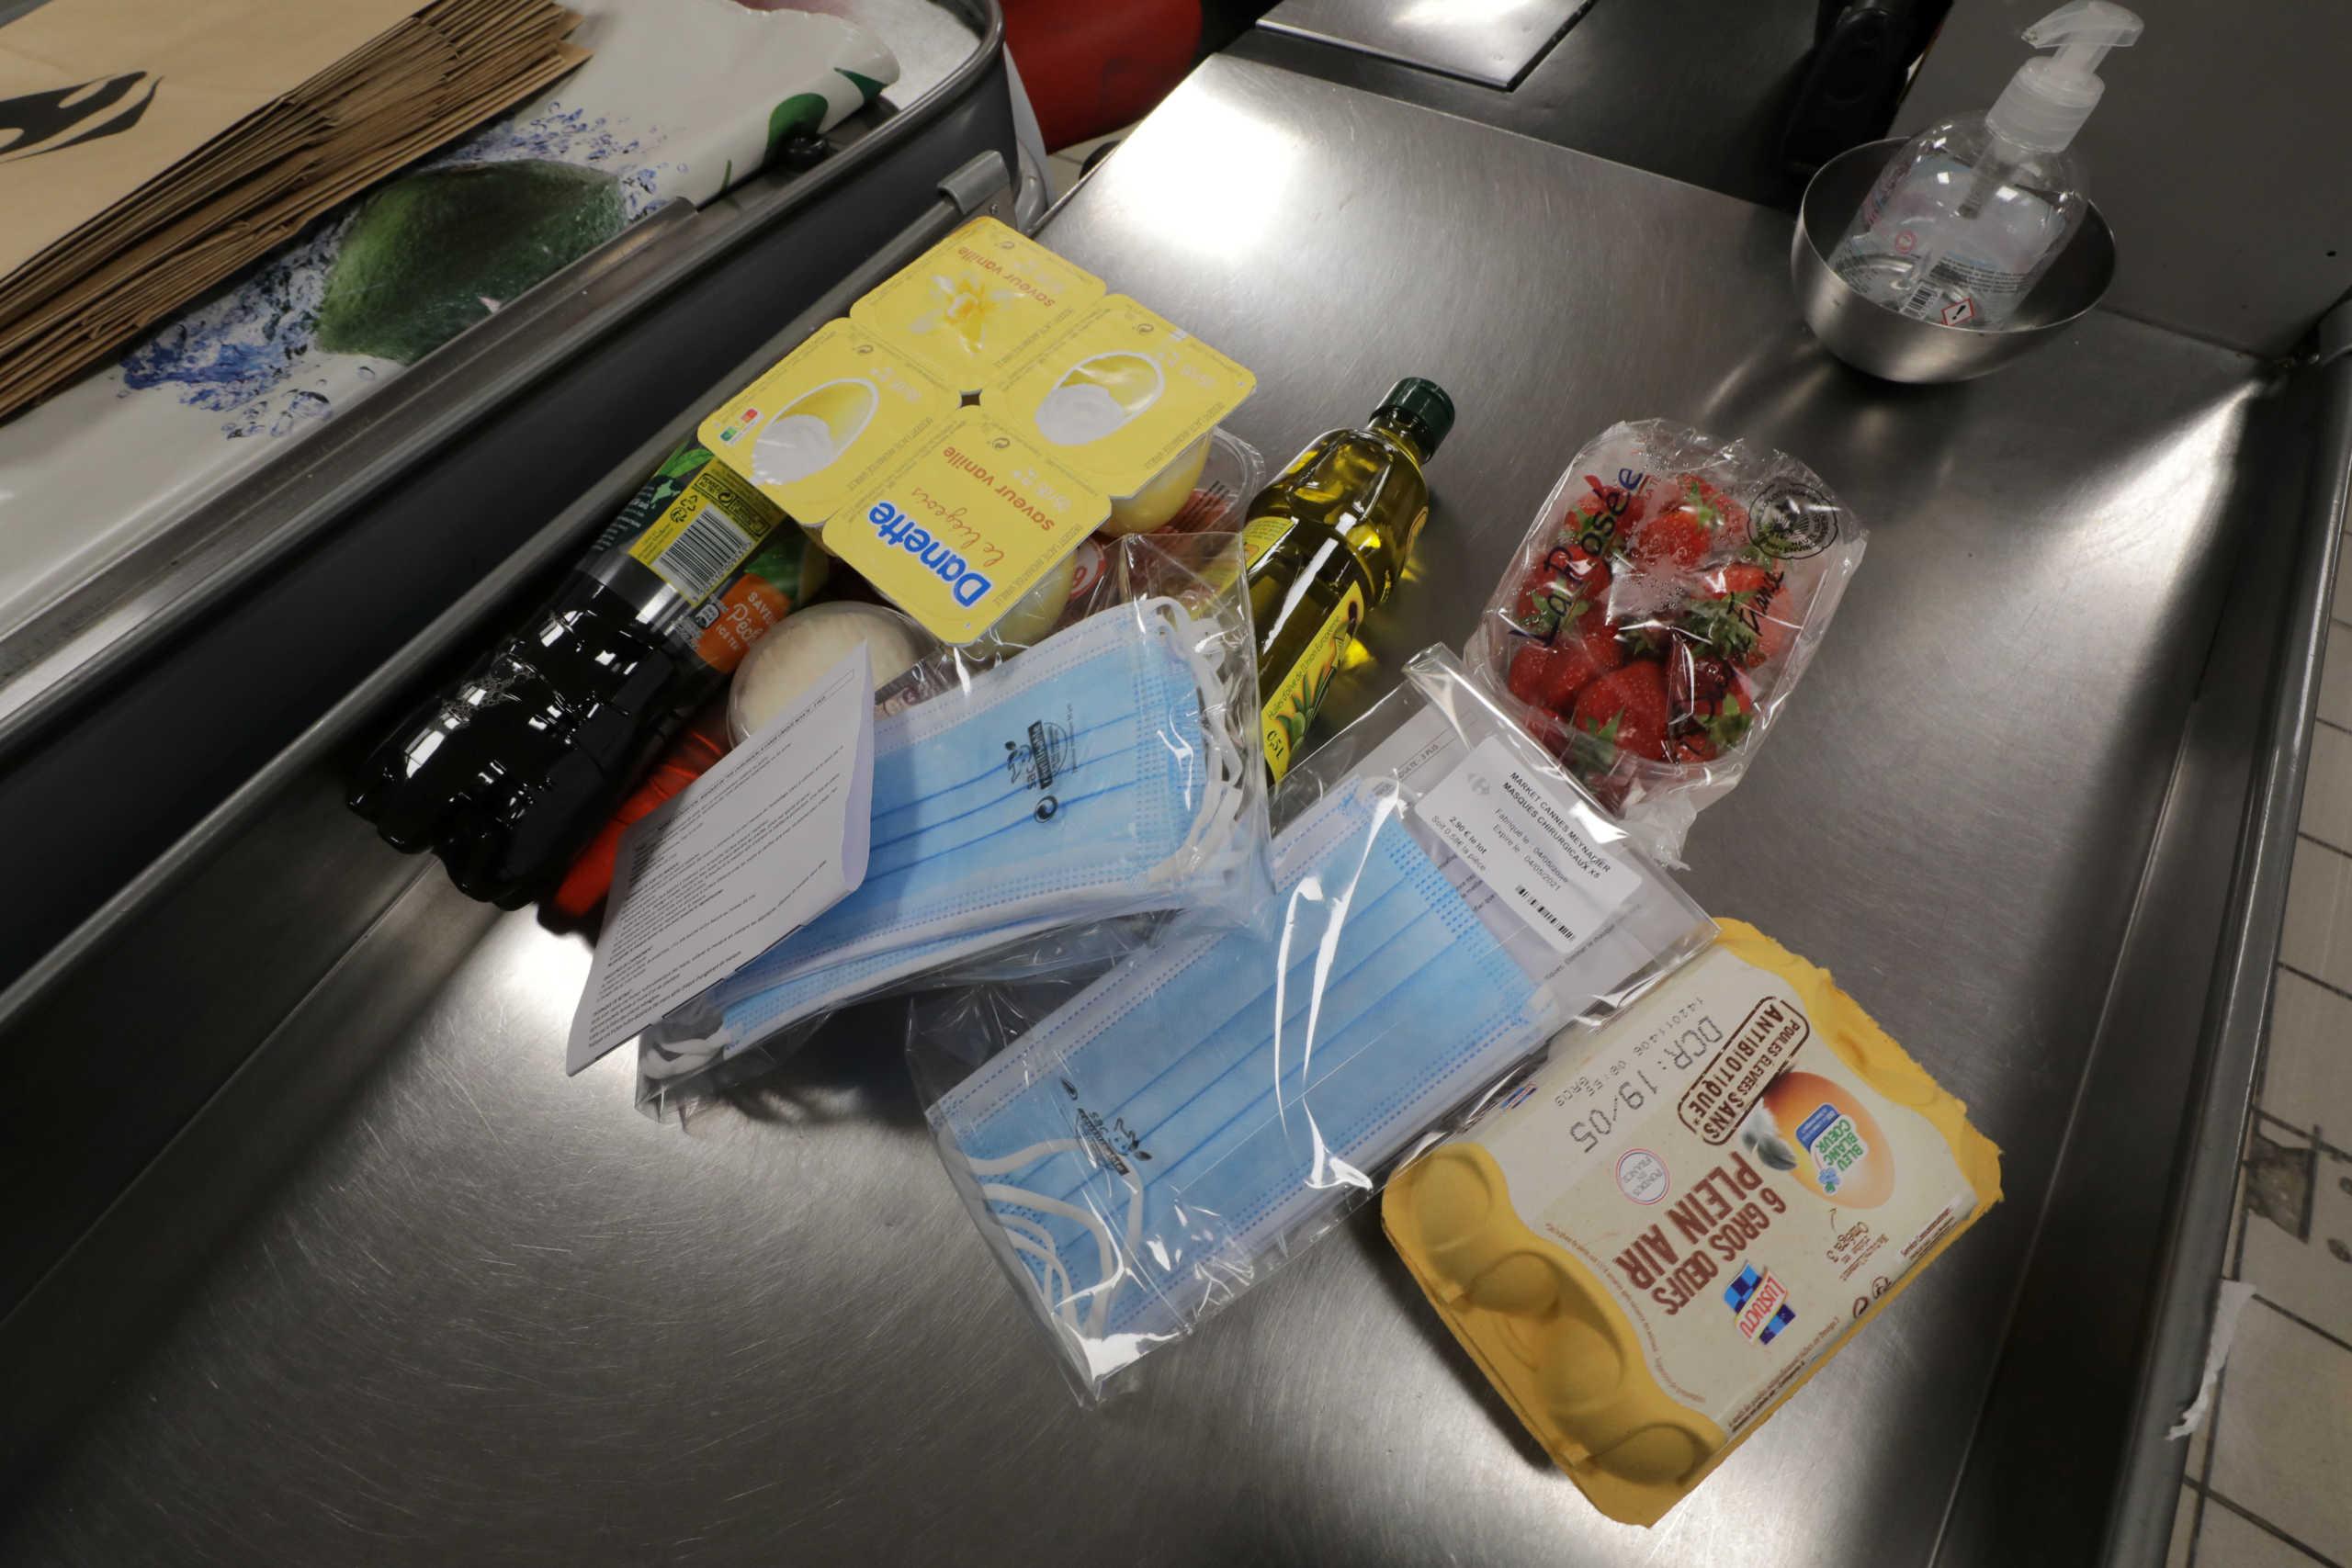 Τι αλλάζει από σήμερα στα σούπερ μάρκετ: Ποια προϊόντα μπορούμε να αγοράζουμε και ποια όχι